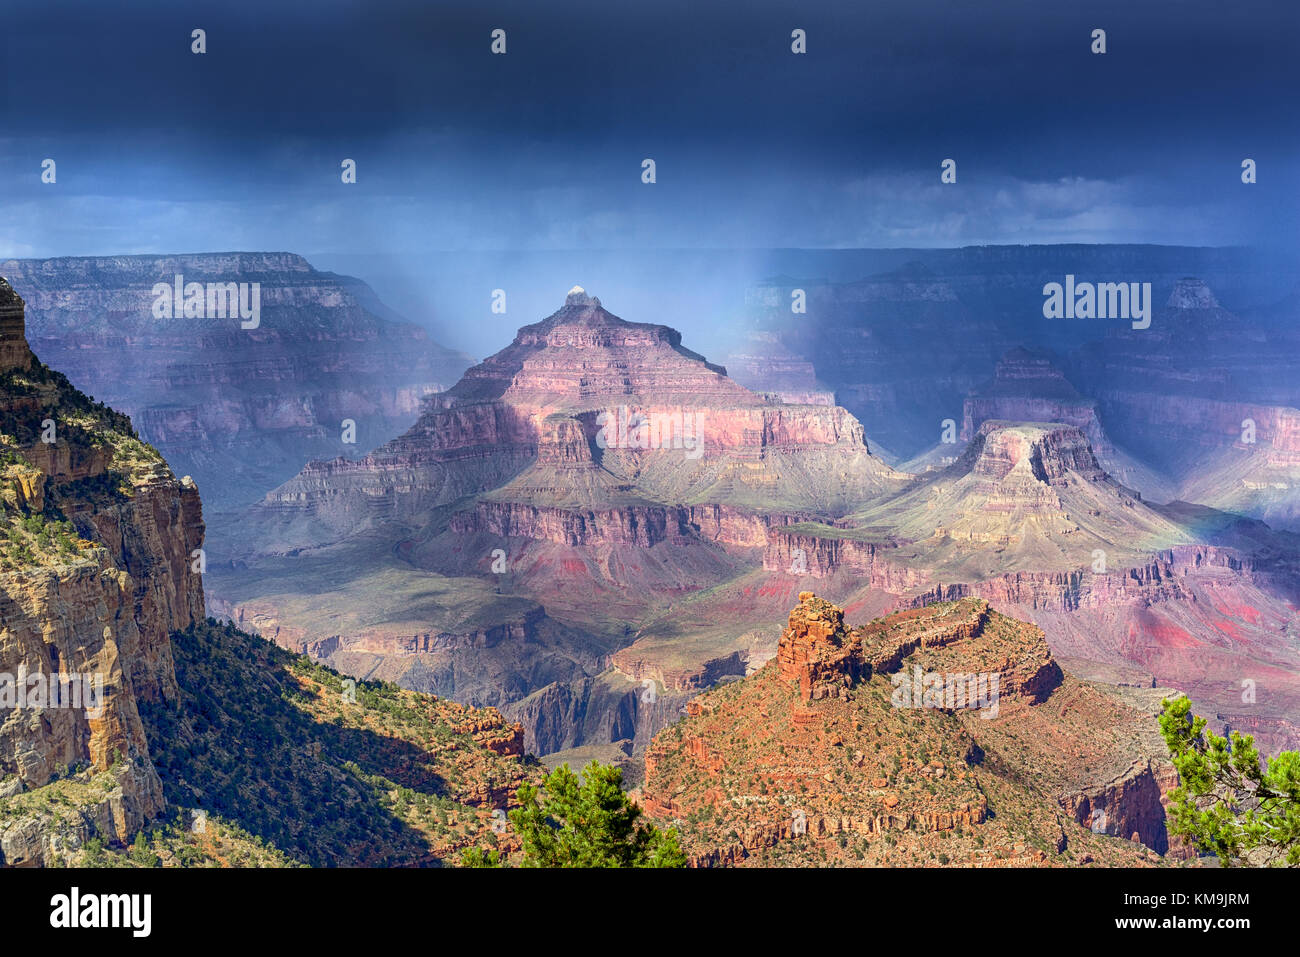 La lluvia sobre el gran cañón formaciones con luz cambiante Imagen De Stock